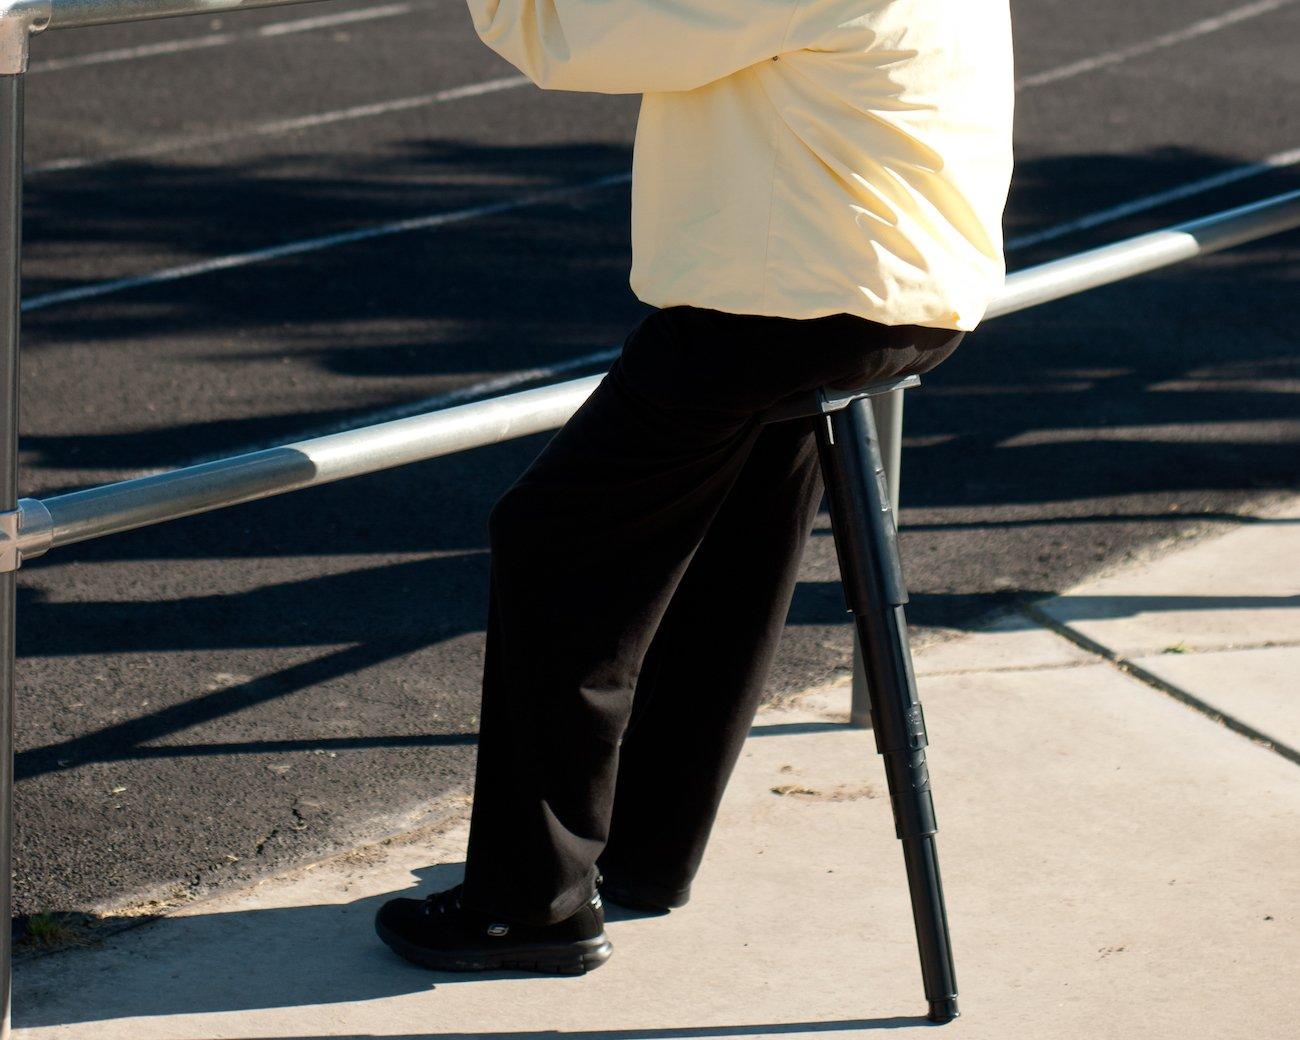 SitGo Portable Seat